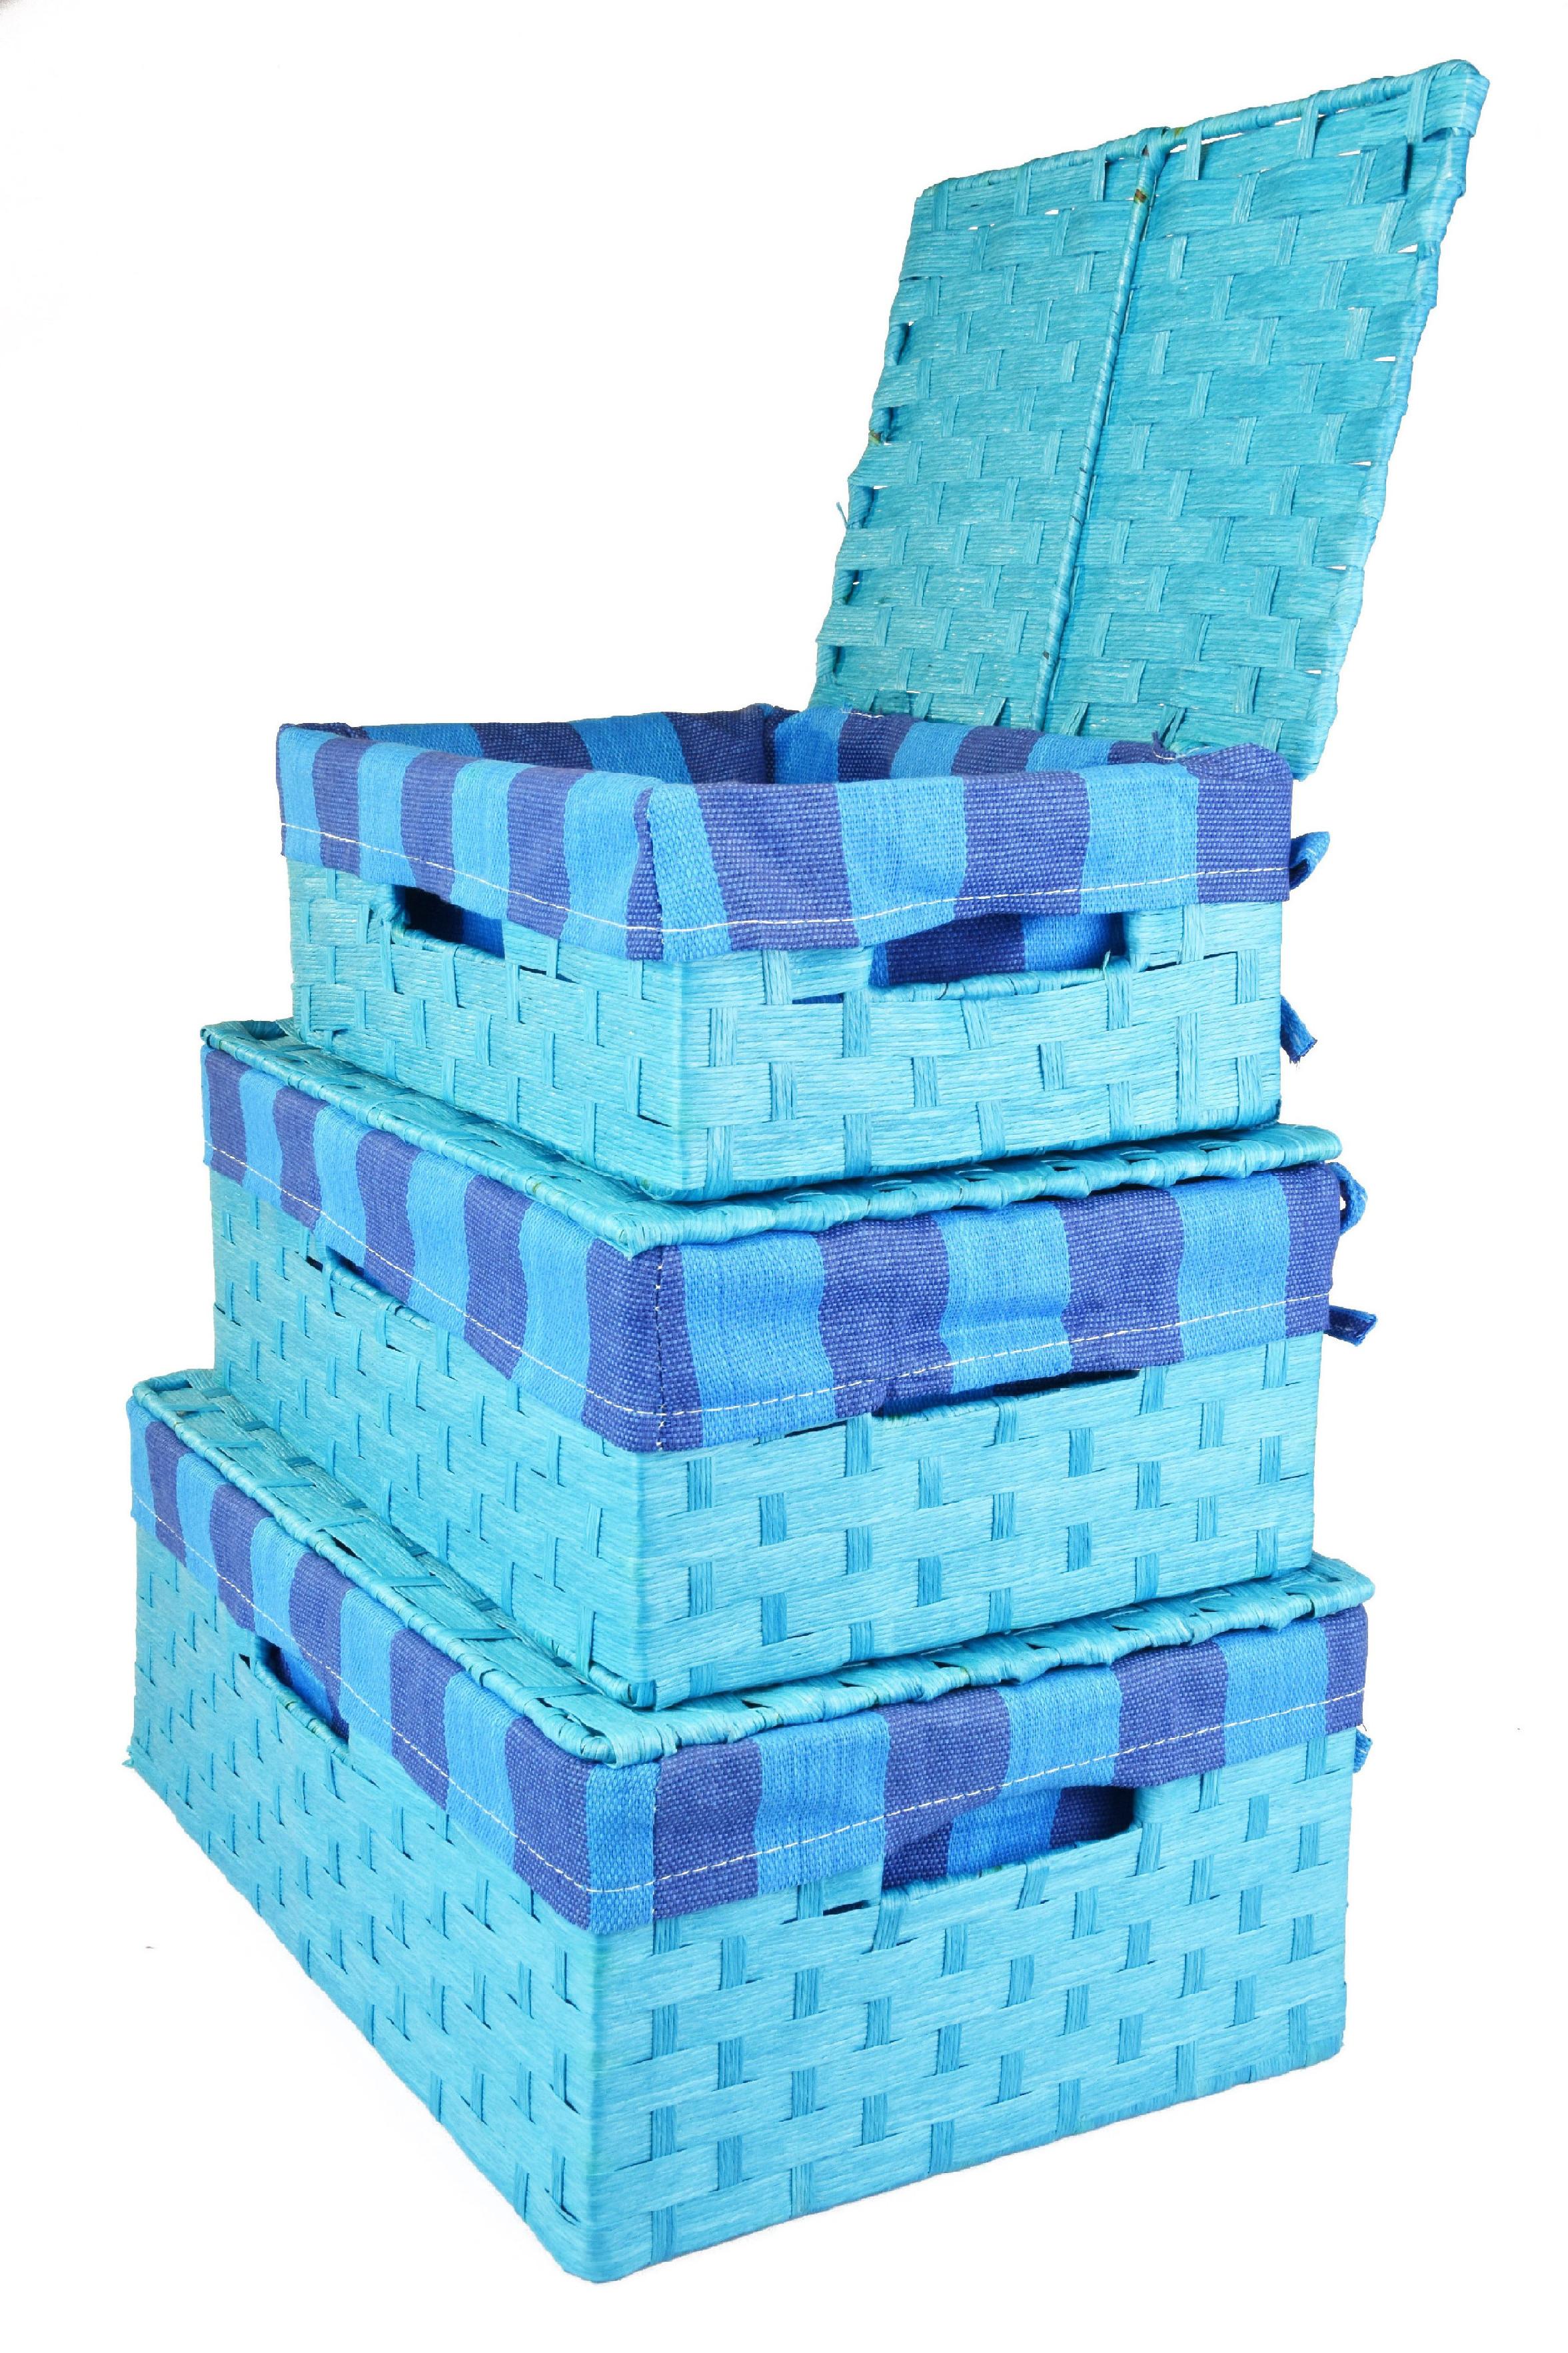 Úložný box s víkem světle modrý rozměry boxu (cm): Sada 53x53x19|48x30x17|40x27x15|36x24x13|30x21x11